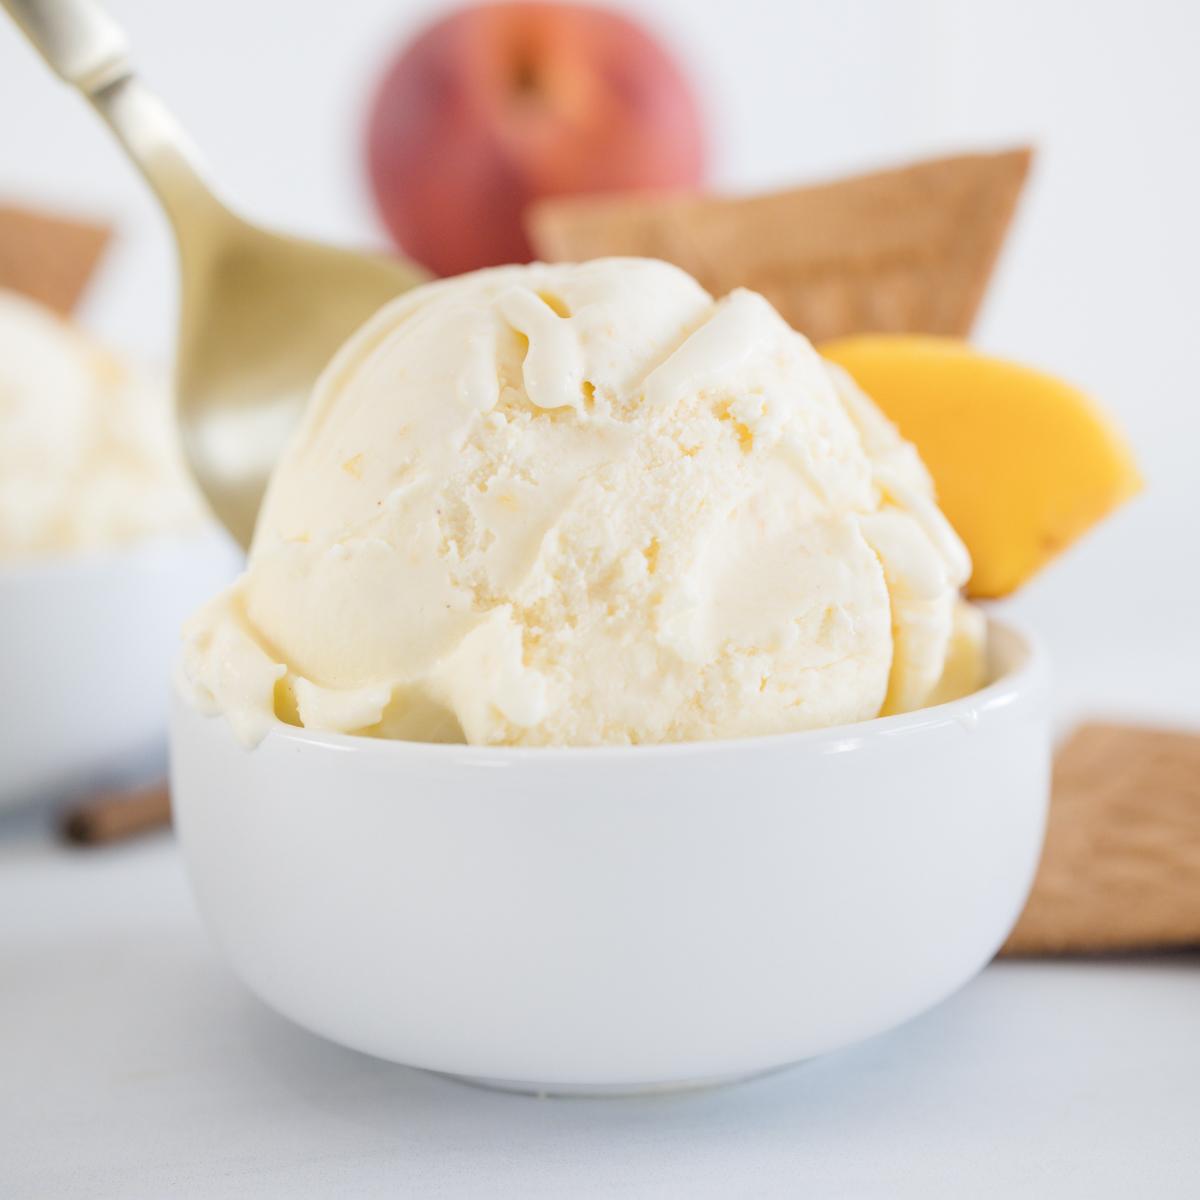 Creamy Peach Ice Cream